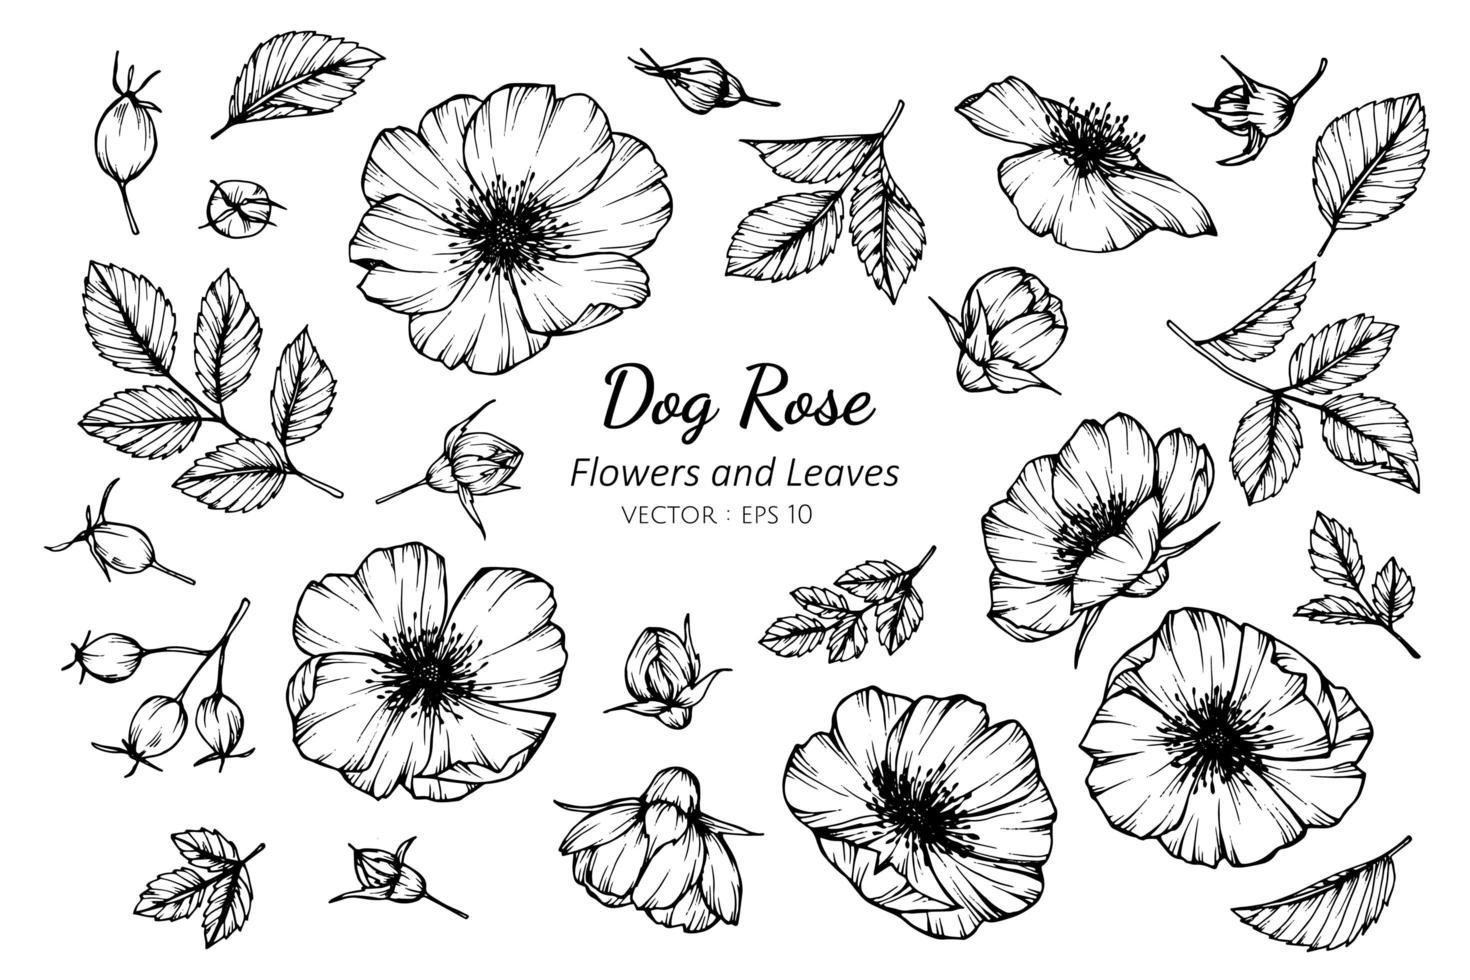 Sammlung von Hunderosenblüten und -blättern vektor